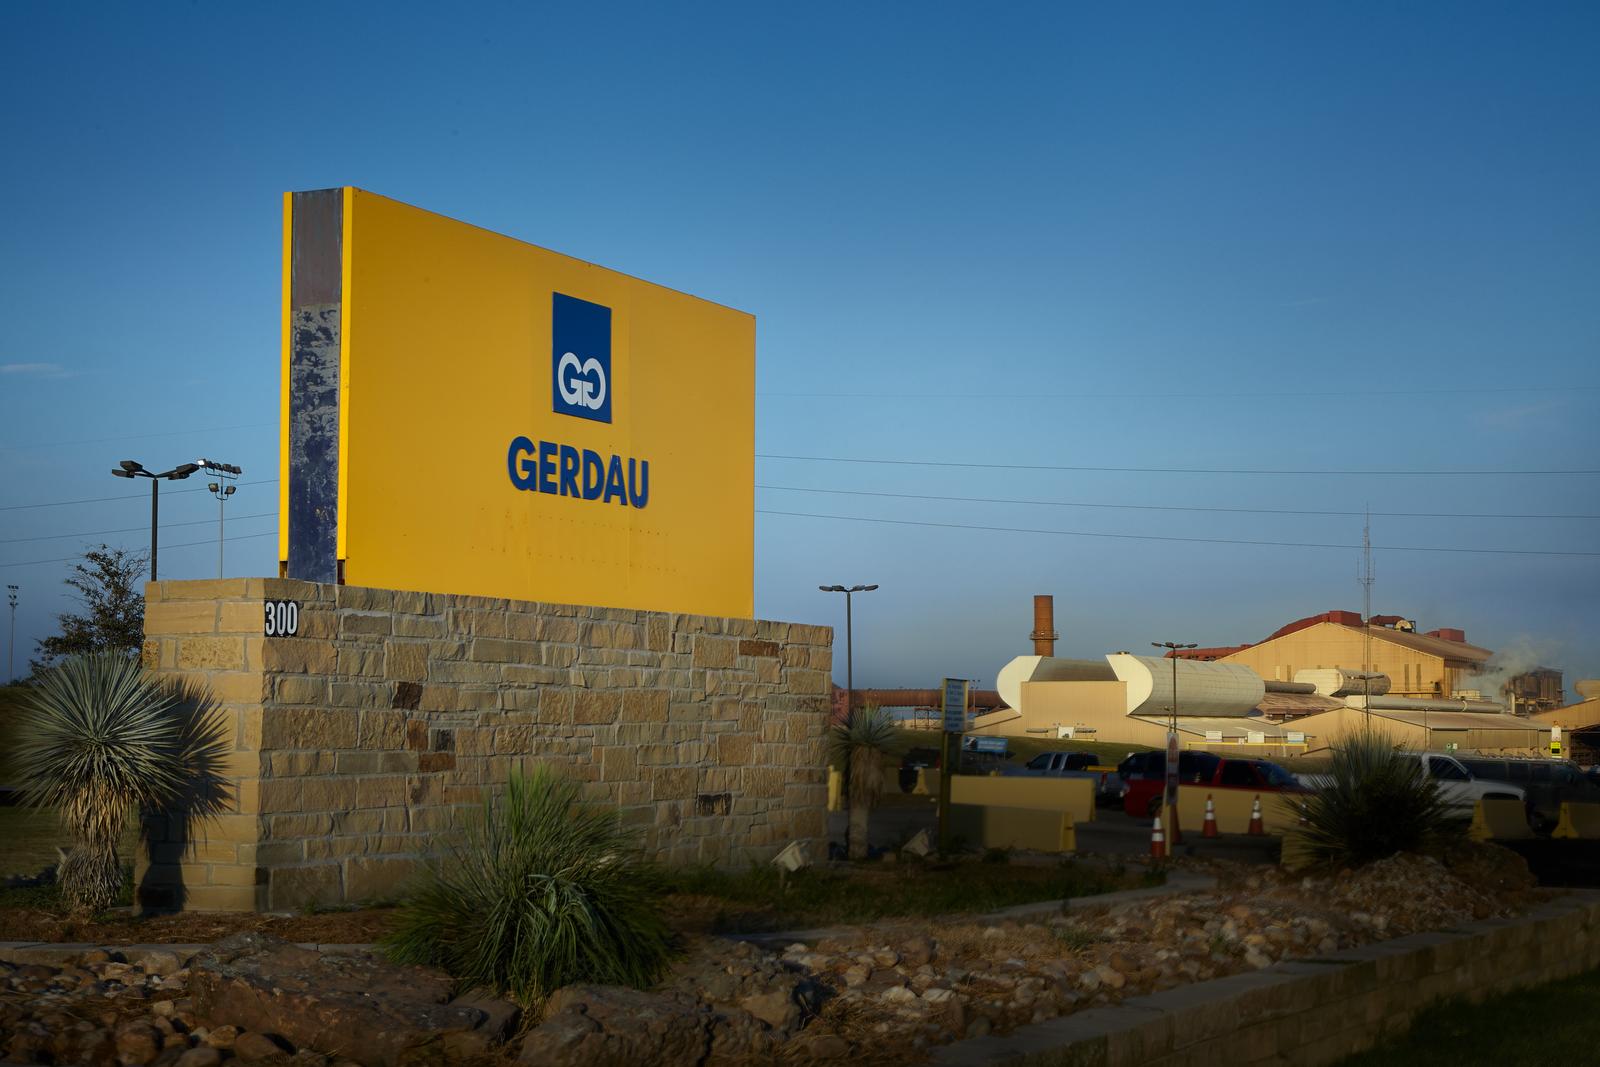 Gerdau faz parceria para geração de energia solar nos Estados Unidos